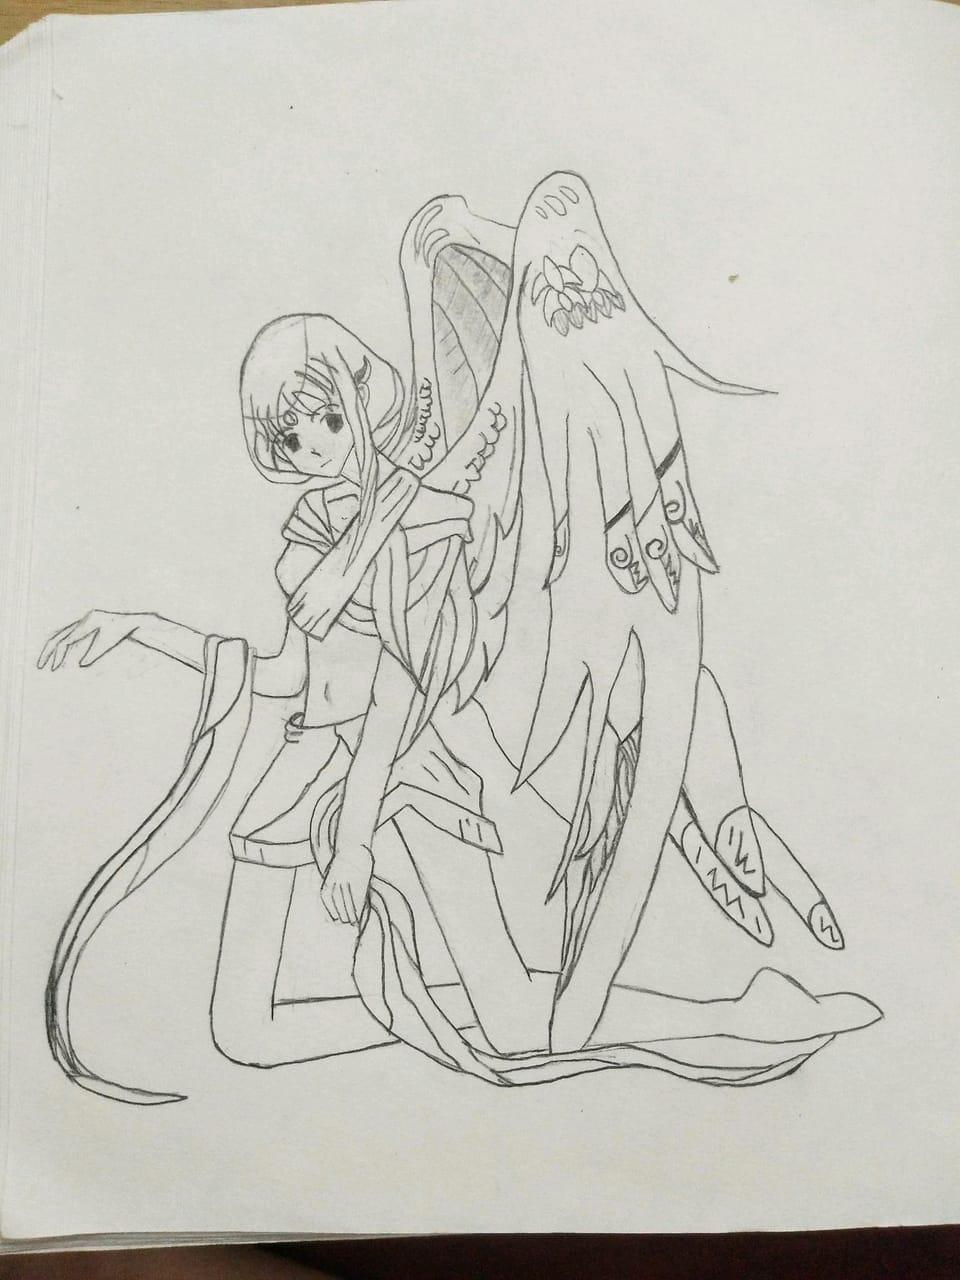 天使(眼睛不知道要画什么风格的) Illust of ꕥ᭄不亏不欠丫ꦿঞ AnalogDrawing girl ꕥ᭄不亏不欠丫ꦿঞ anime